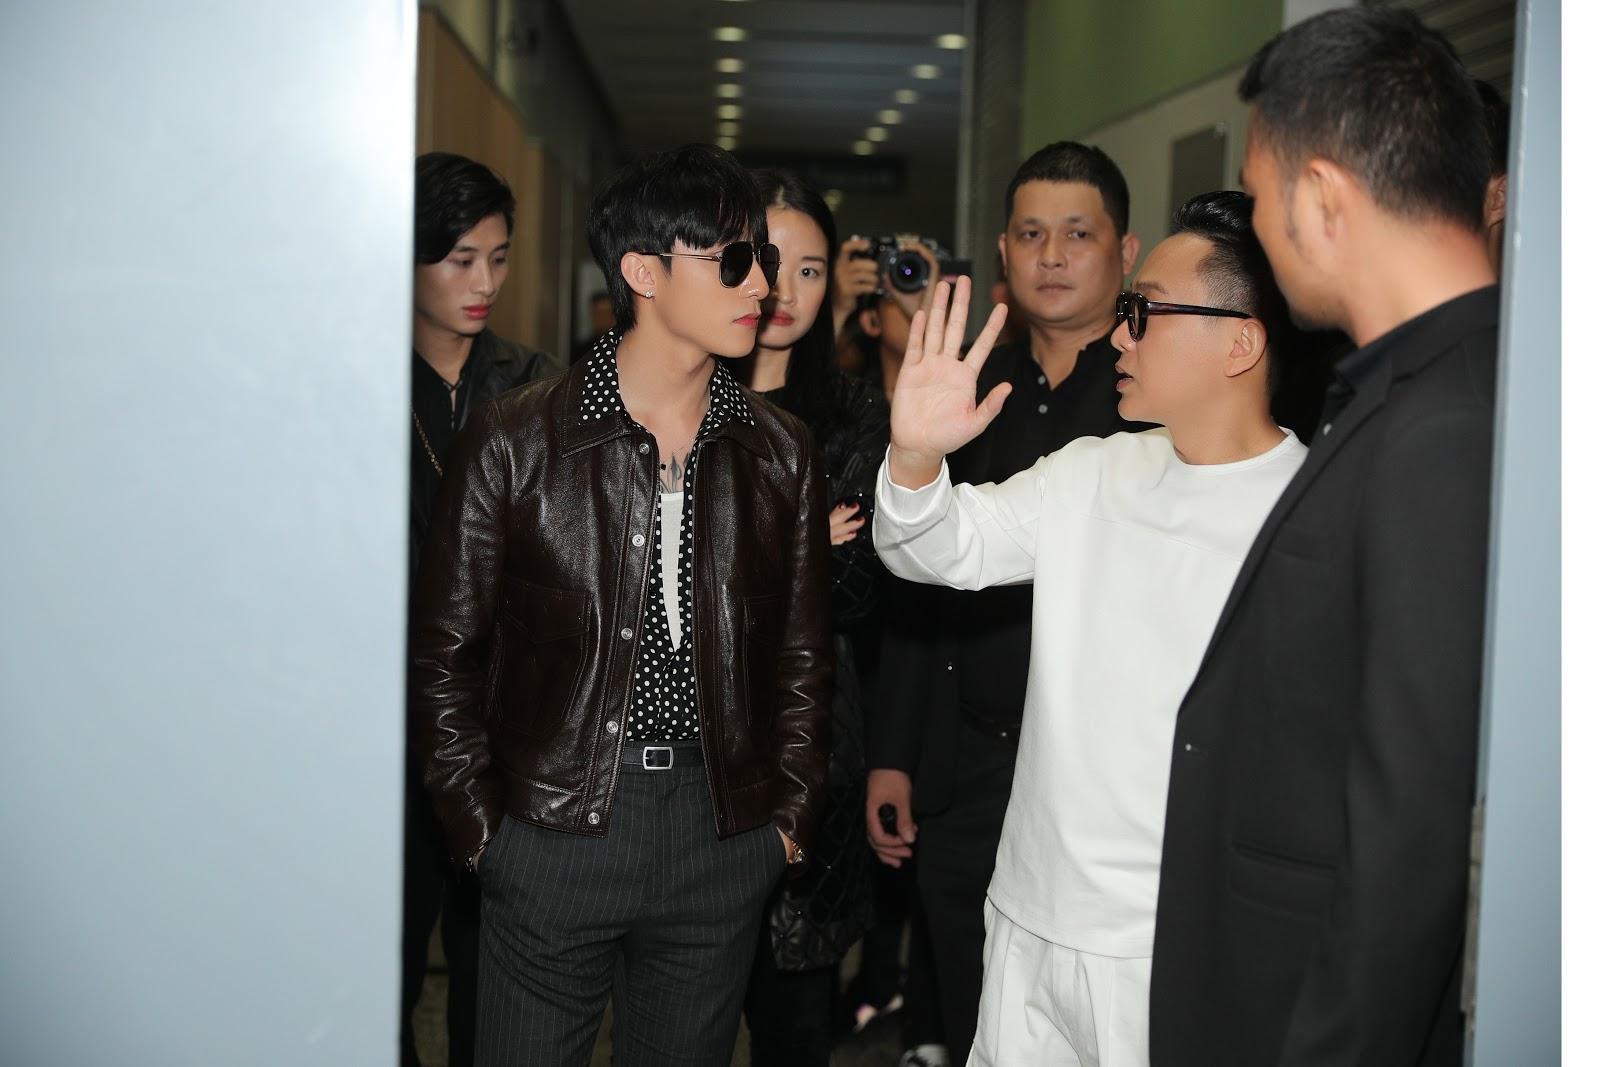 Sơn Tùng chiếm trọn spotlight tại sự kiện Triển lãm thời trang Nguyễn Công Trí và Nghệ thuật Đương đại 'Cục Im Lặng' - Hình 3